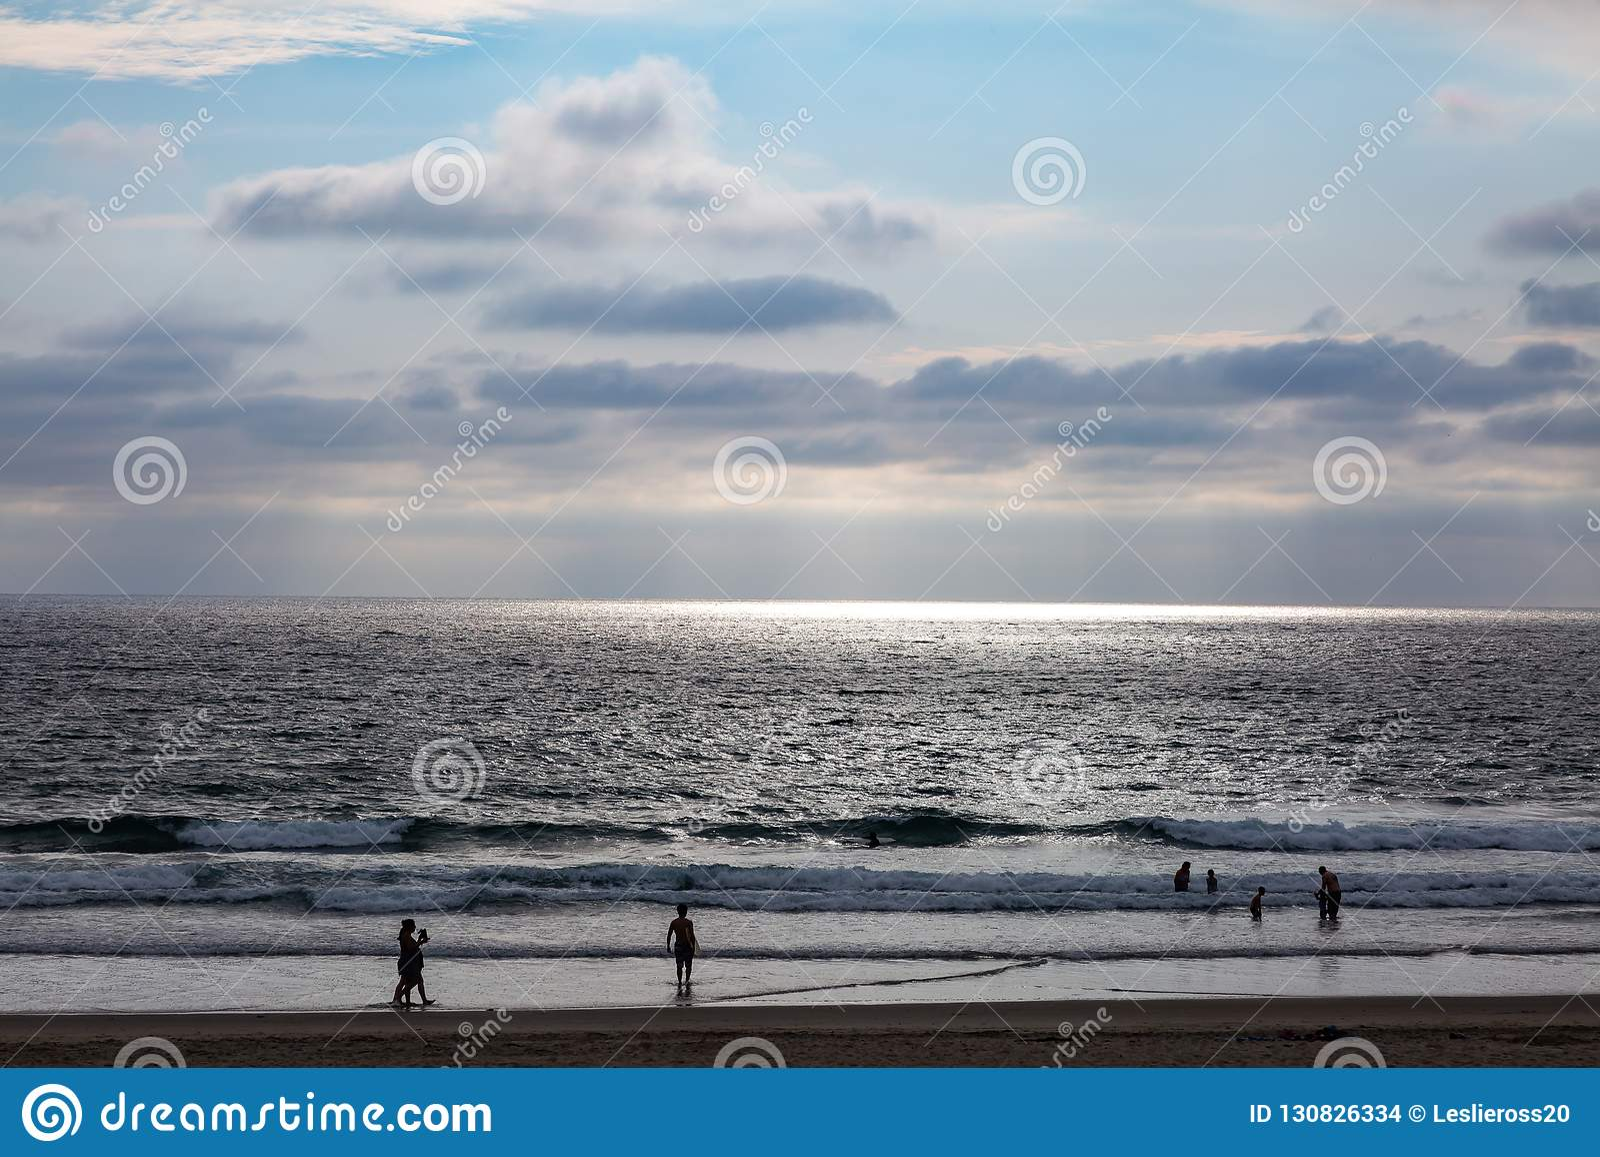 De zon straalt door een wolk uit en leidt tot oceaanschijnwerper